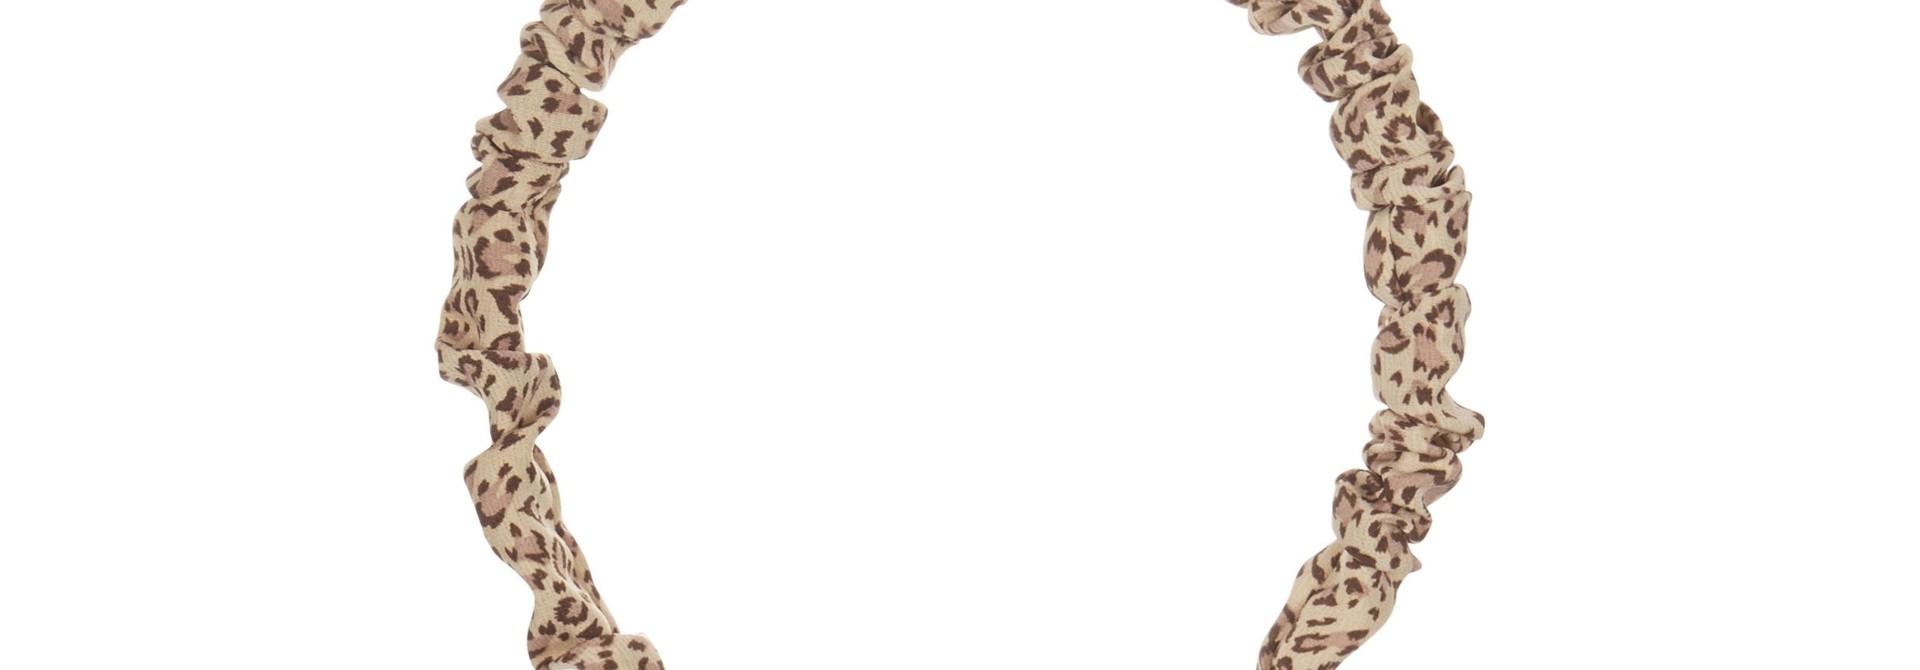 Leopard Scrunchie Alice